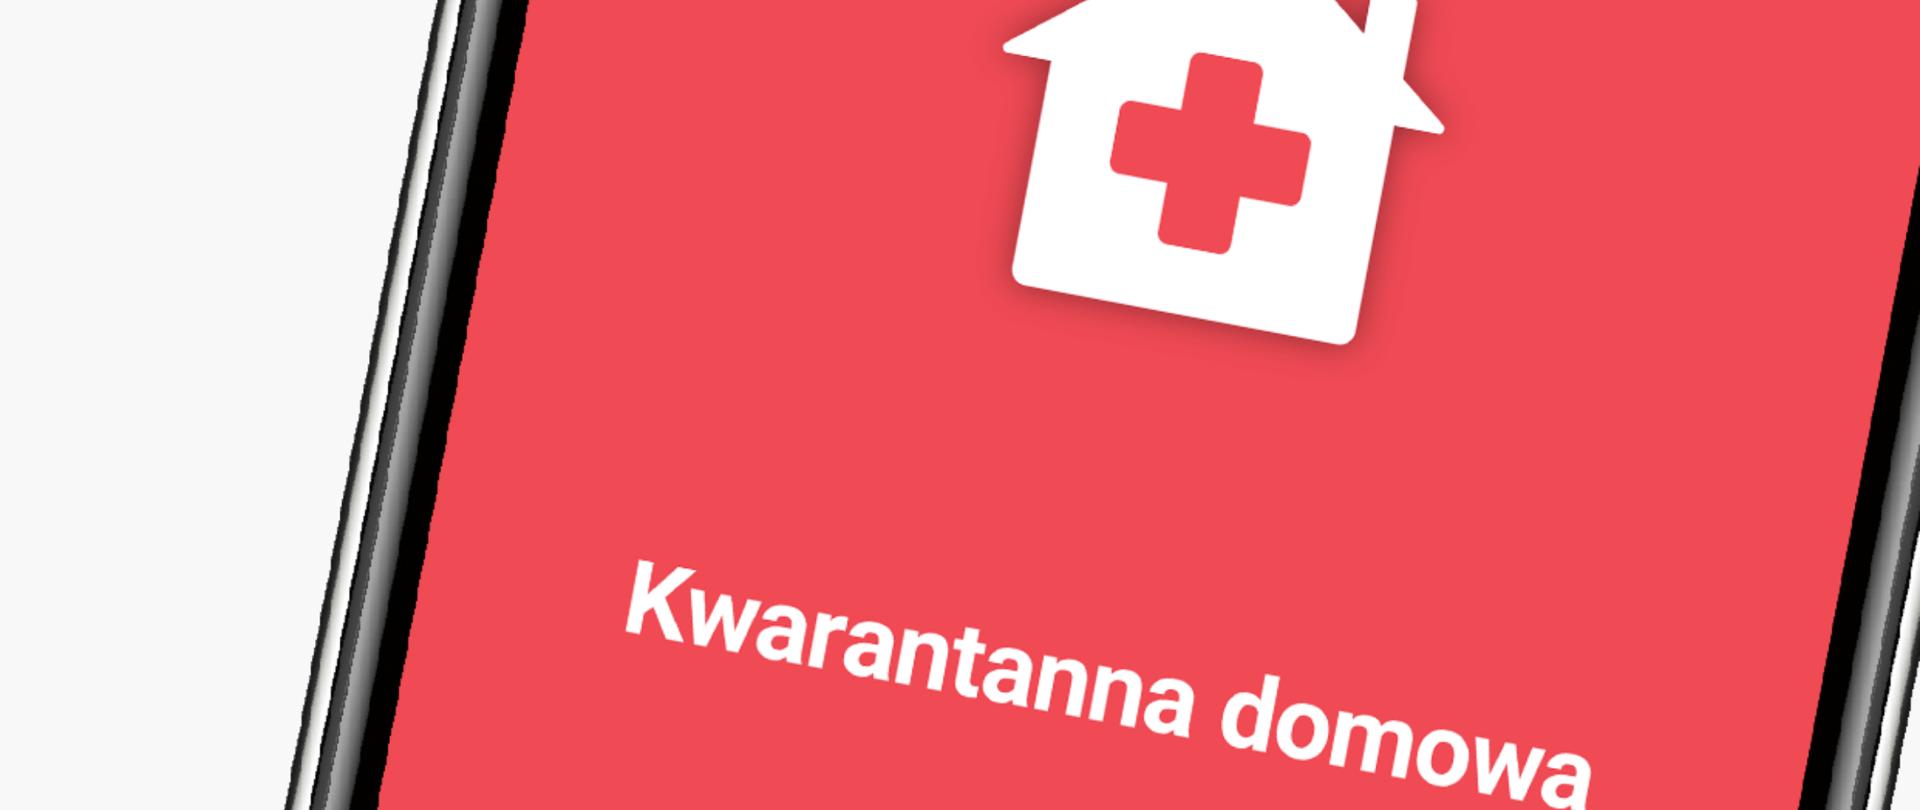 Ekran smartfona. Ikonka domku z krzyżykiem na czerwonym tle. Napis kwarantanna domowa